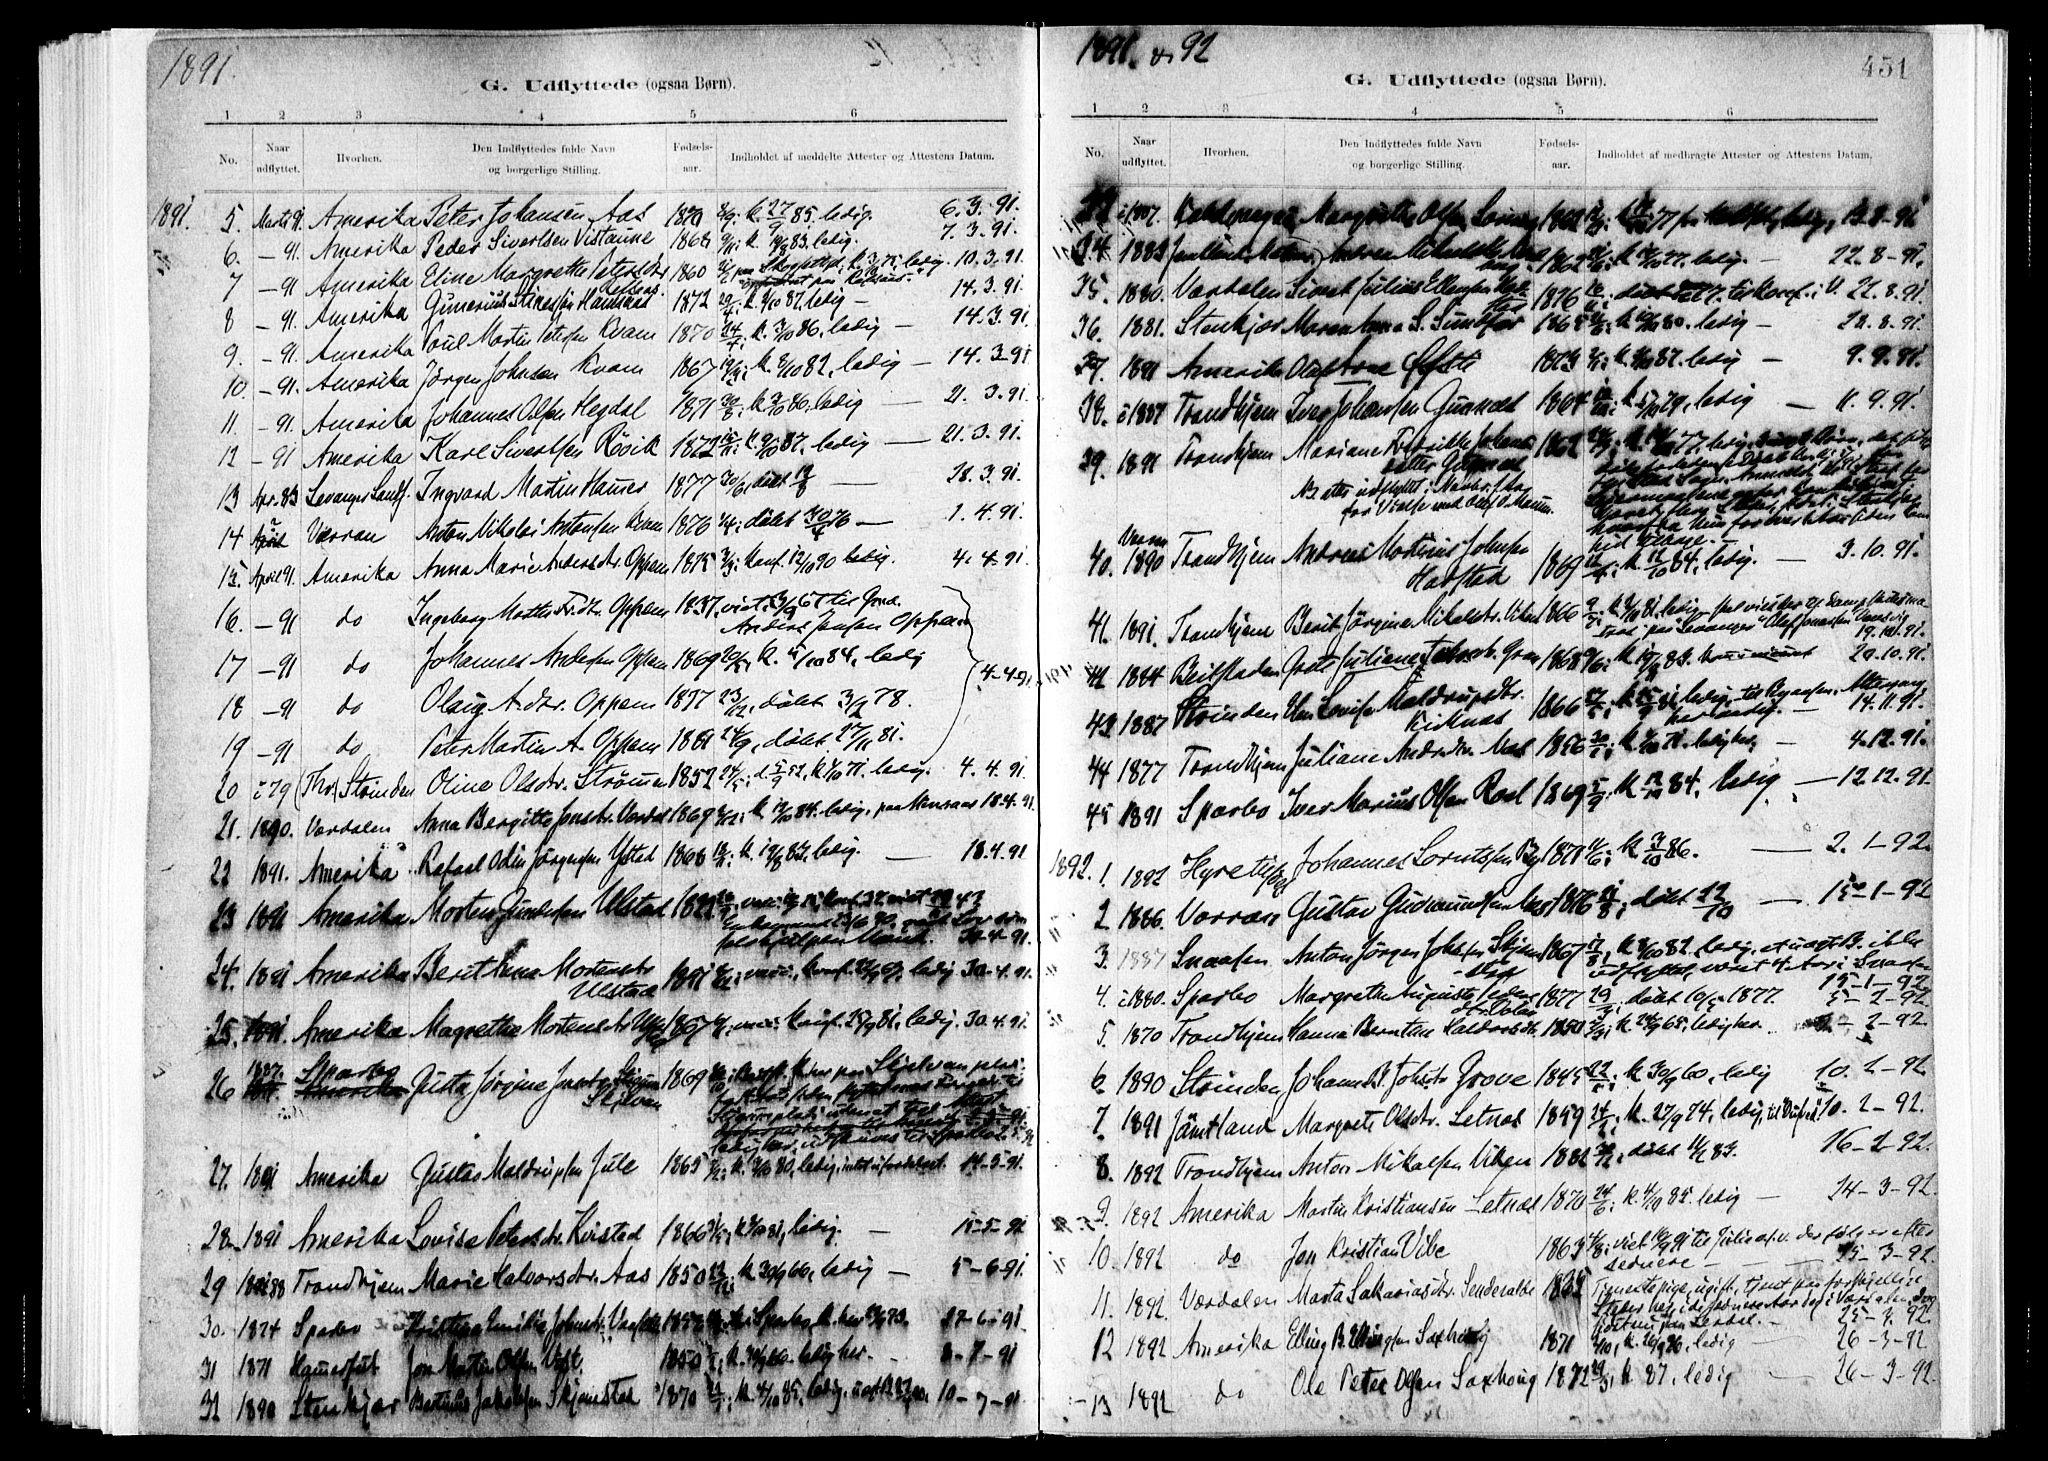 SAT, Ministerialprotokoller, klokkerbøker og fødselsregistre - Nord-Trøndelag, 730/L0285: Ministerialbok nr. 730A10, 1879-1914, s. 451